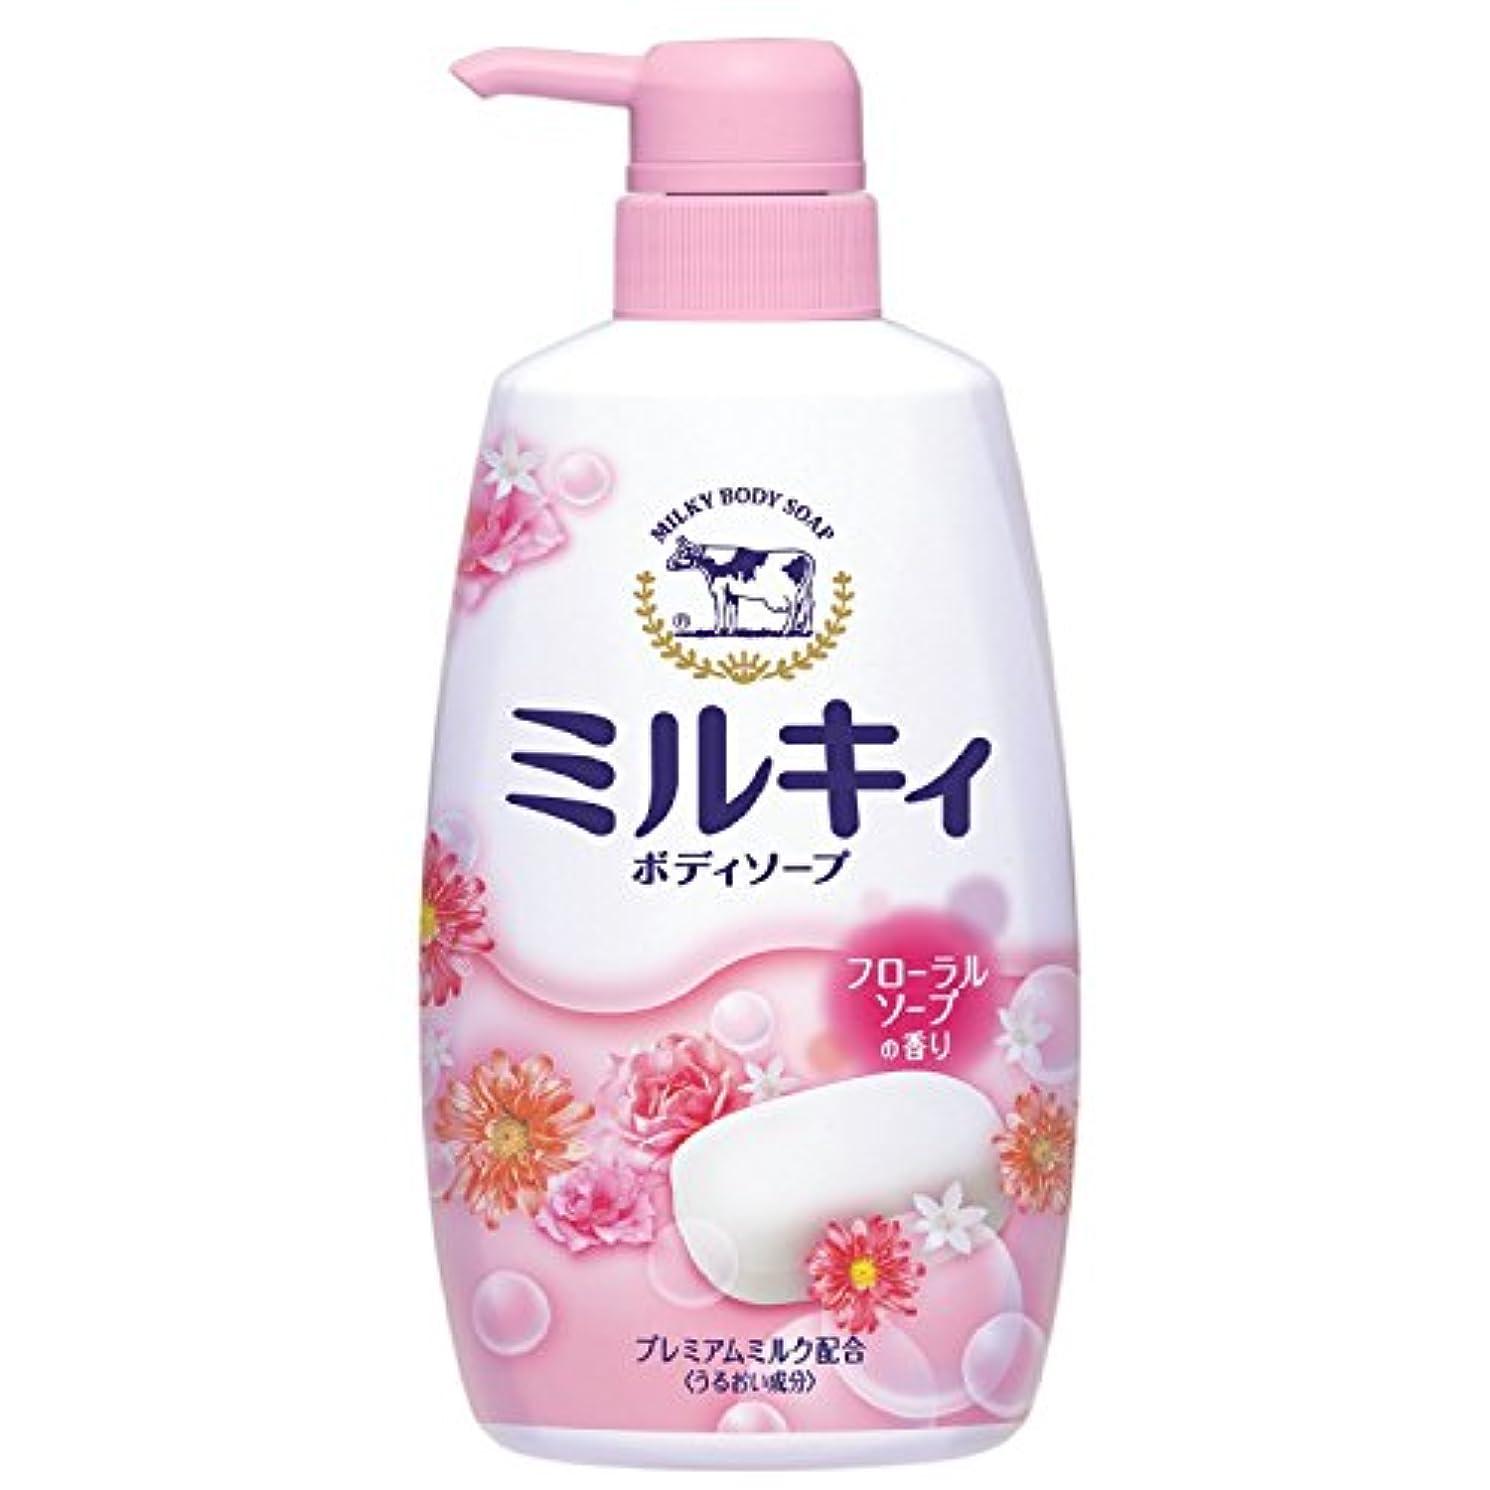 期待する柔らかい足興奮するミルキィ ボディソープ フローラルソープの香り ポンプ 550mL